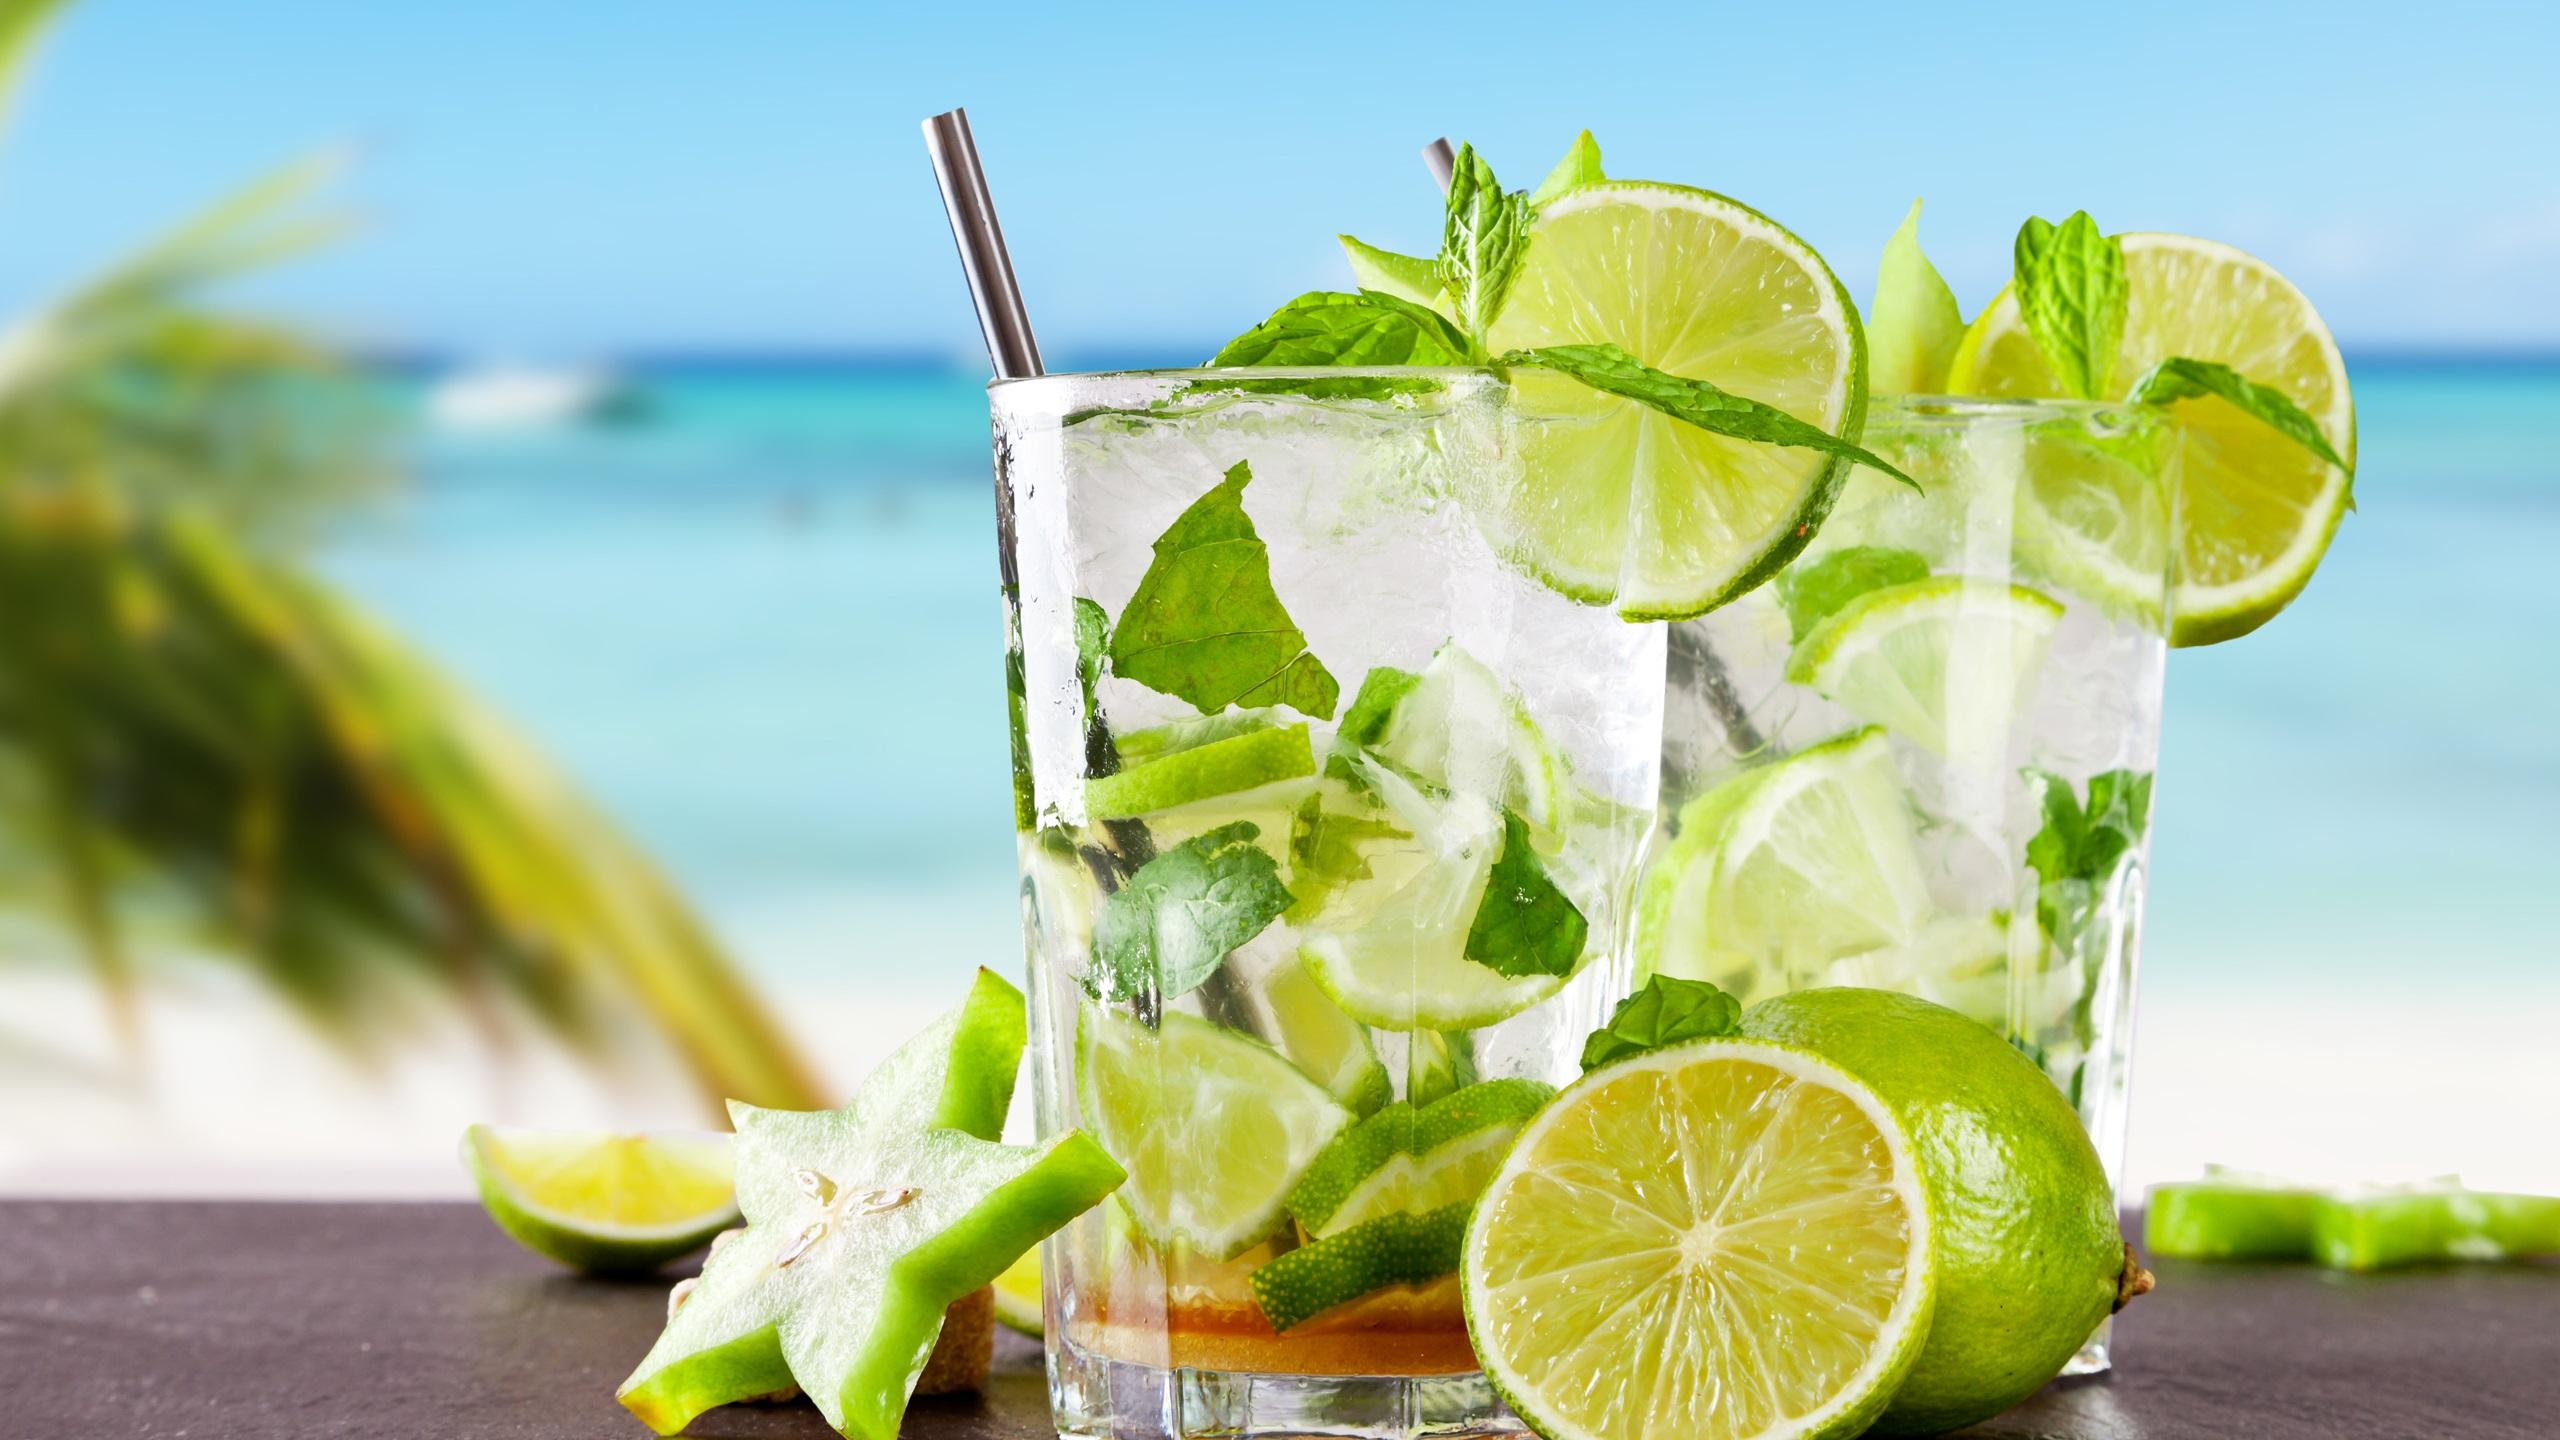 壁紙 トロピカルカクテルモヒート レモン 涼しい 夏の飲み物